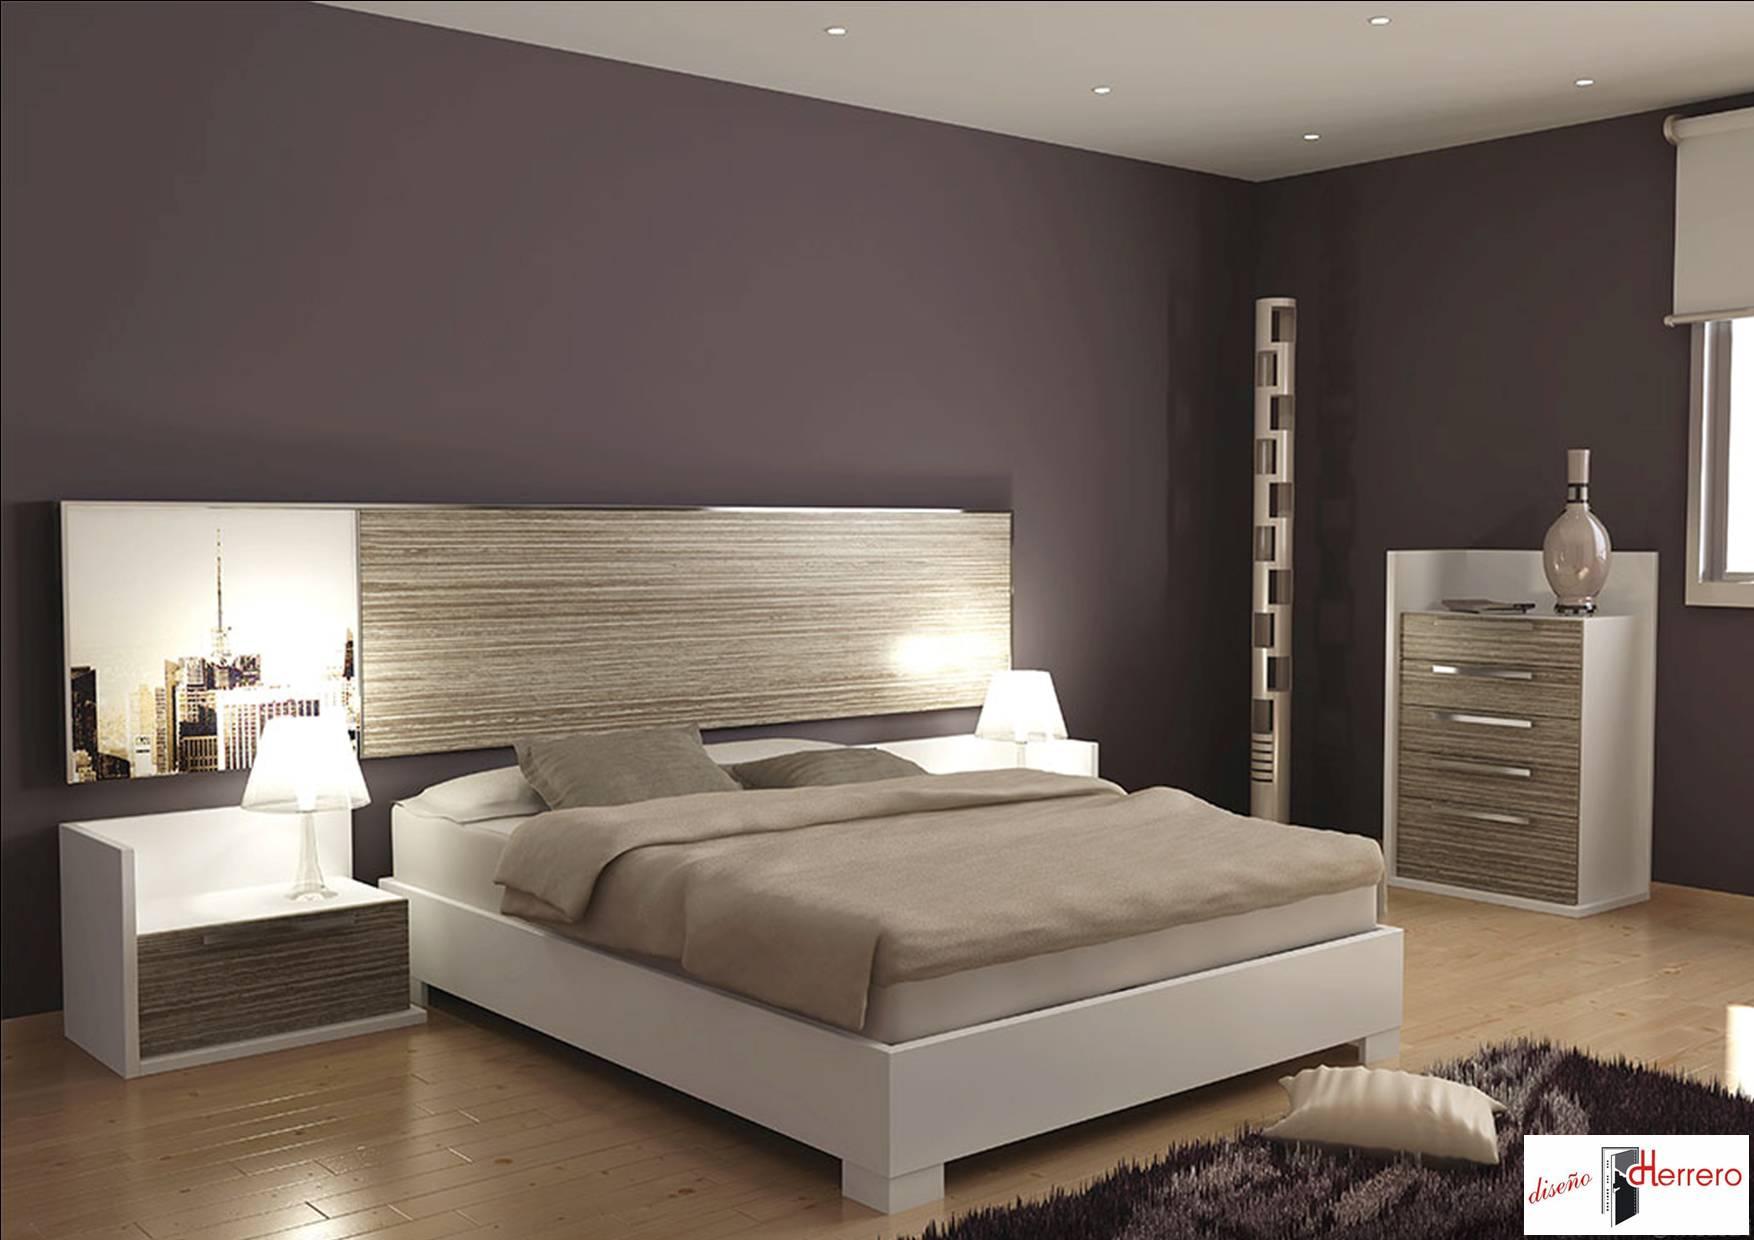 Desconectar y relajar cmo ser ms feliz en el dormitorio  Buena Vibra